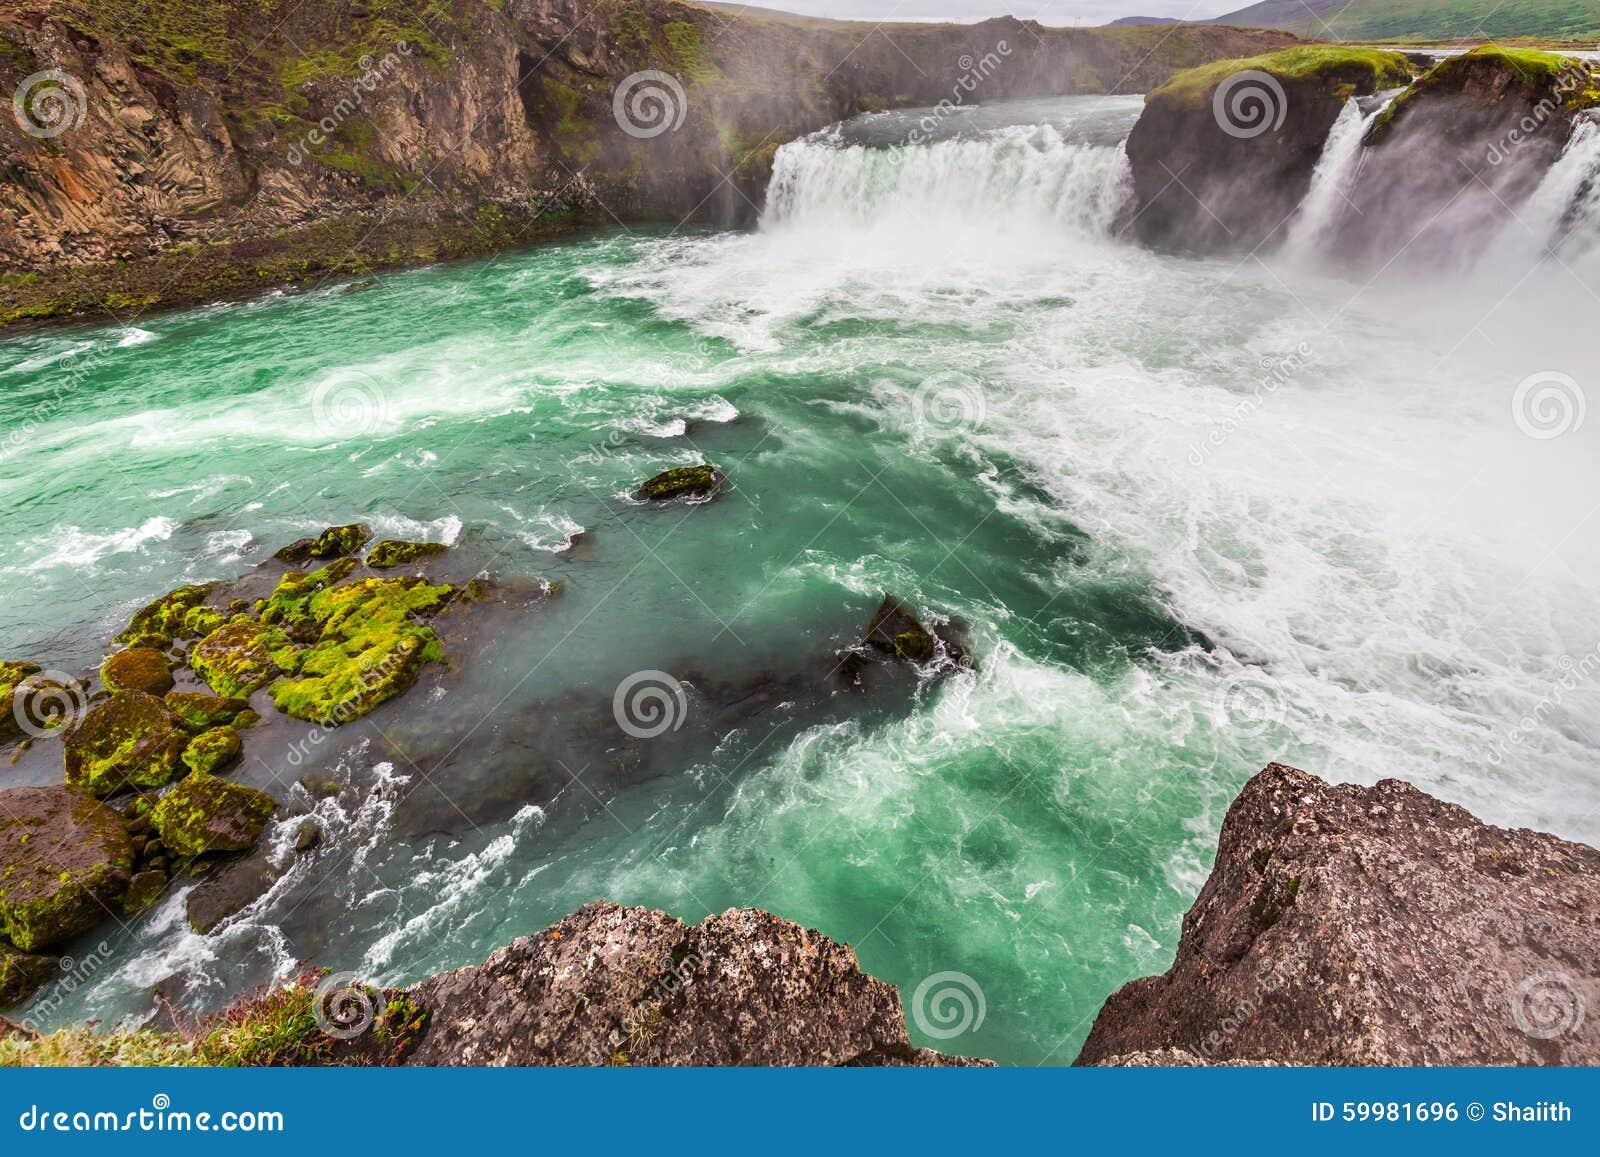 Wonderful Godafoss waterfall, Iceland